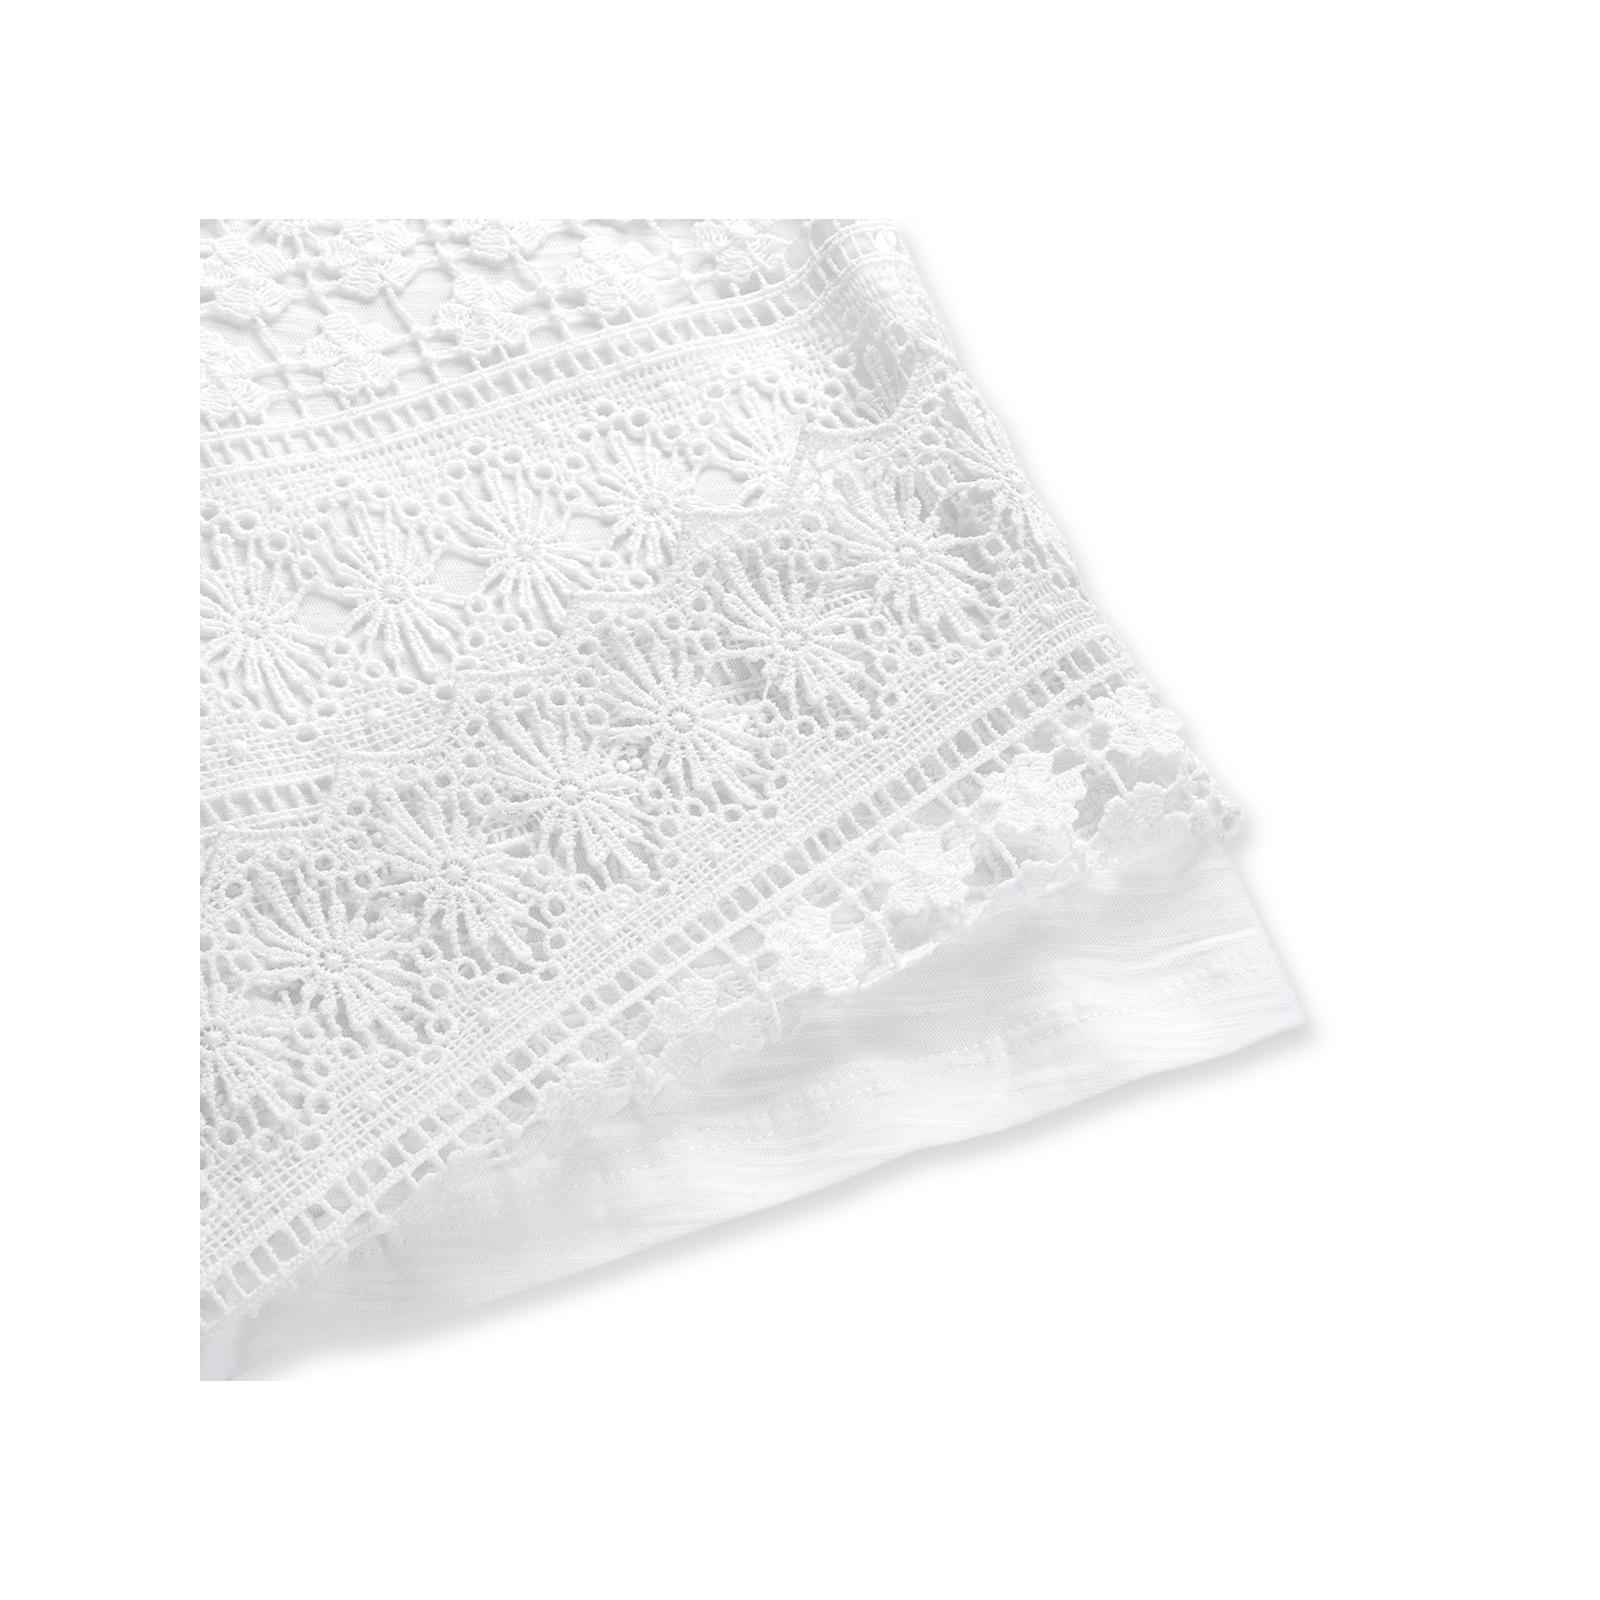 Платье Breeze из кружев (8859-128G-cream) изображение 4